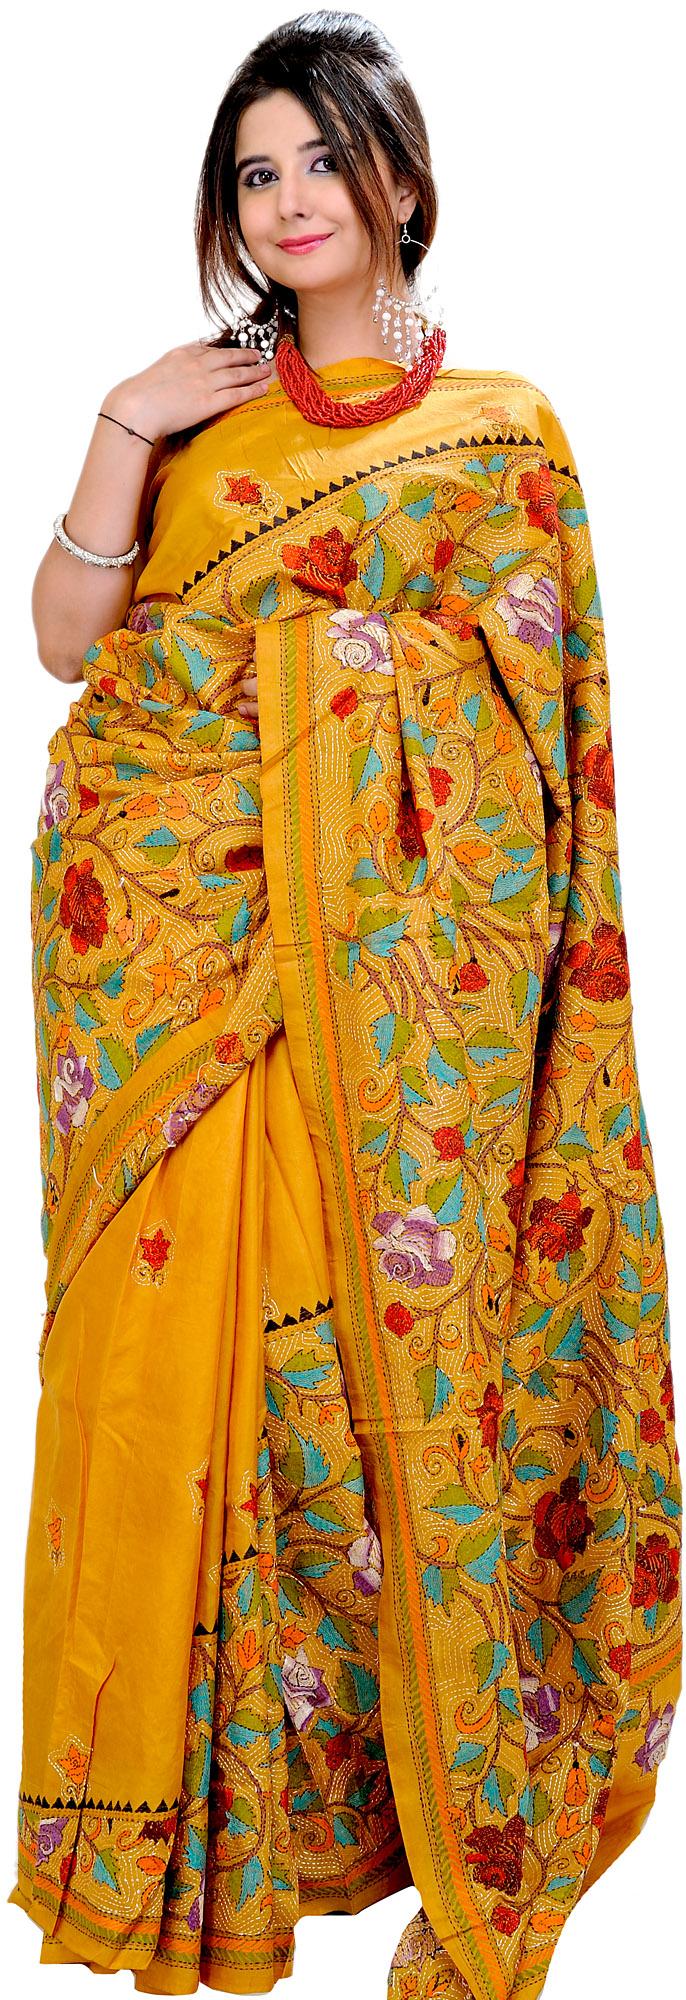 Sunflower yellow kantha sari from kolkata with hand